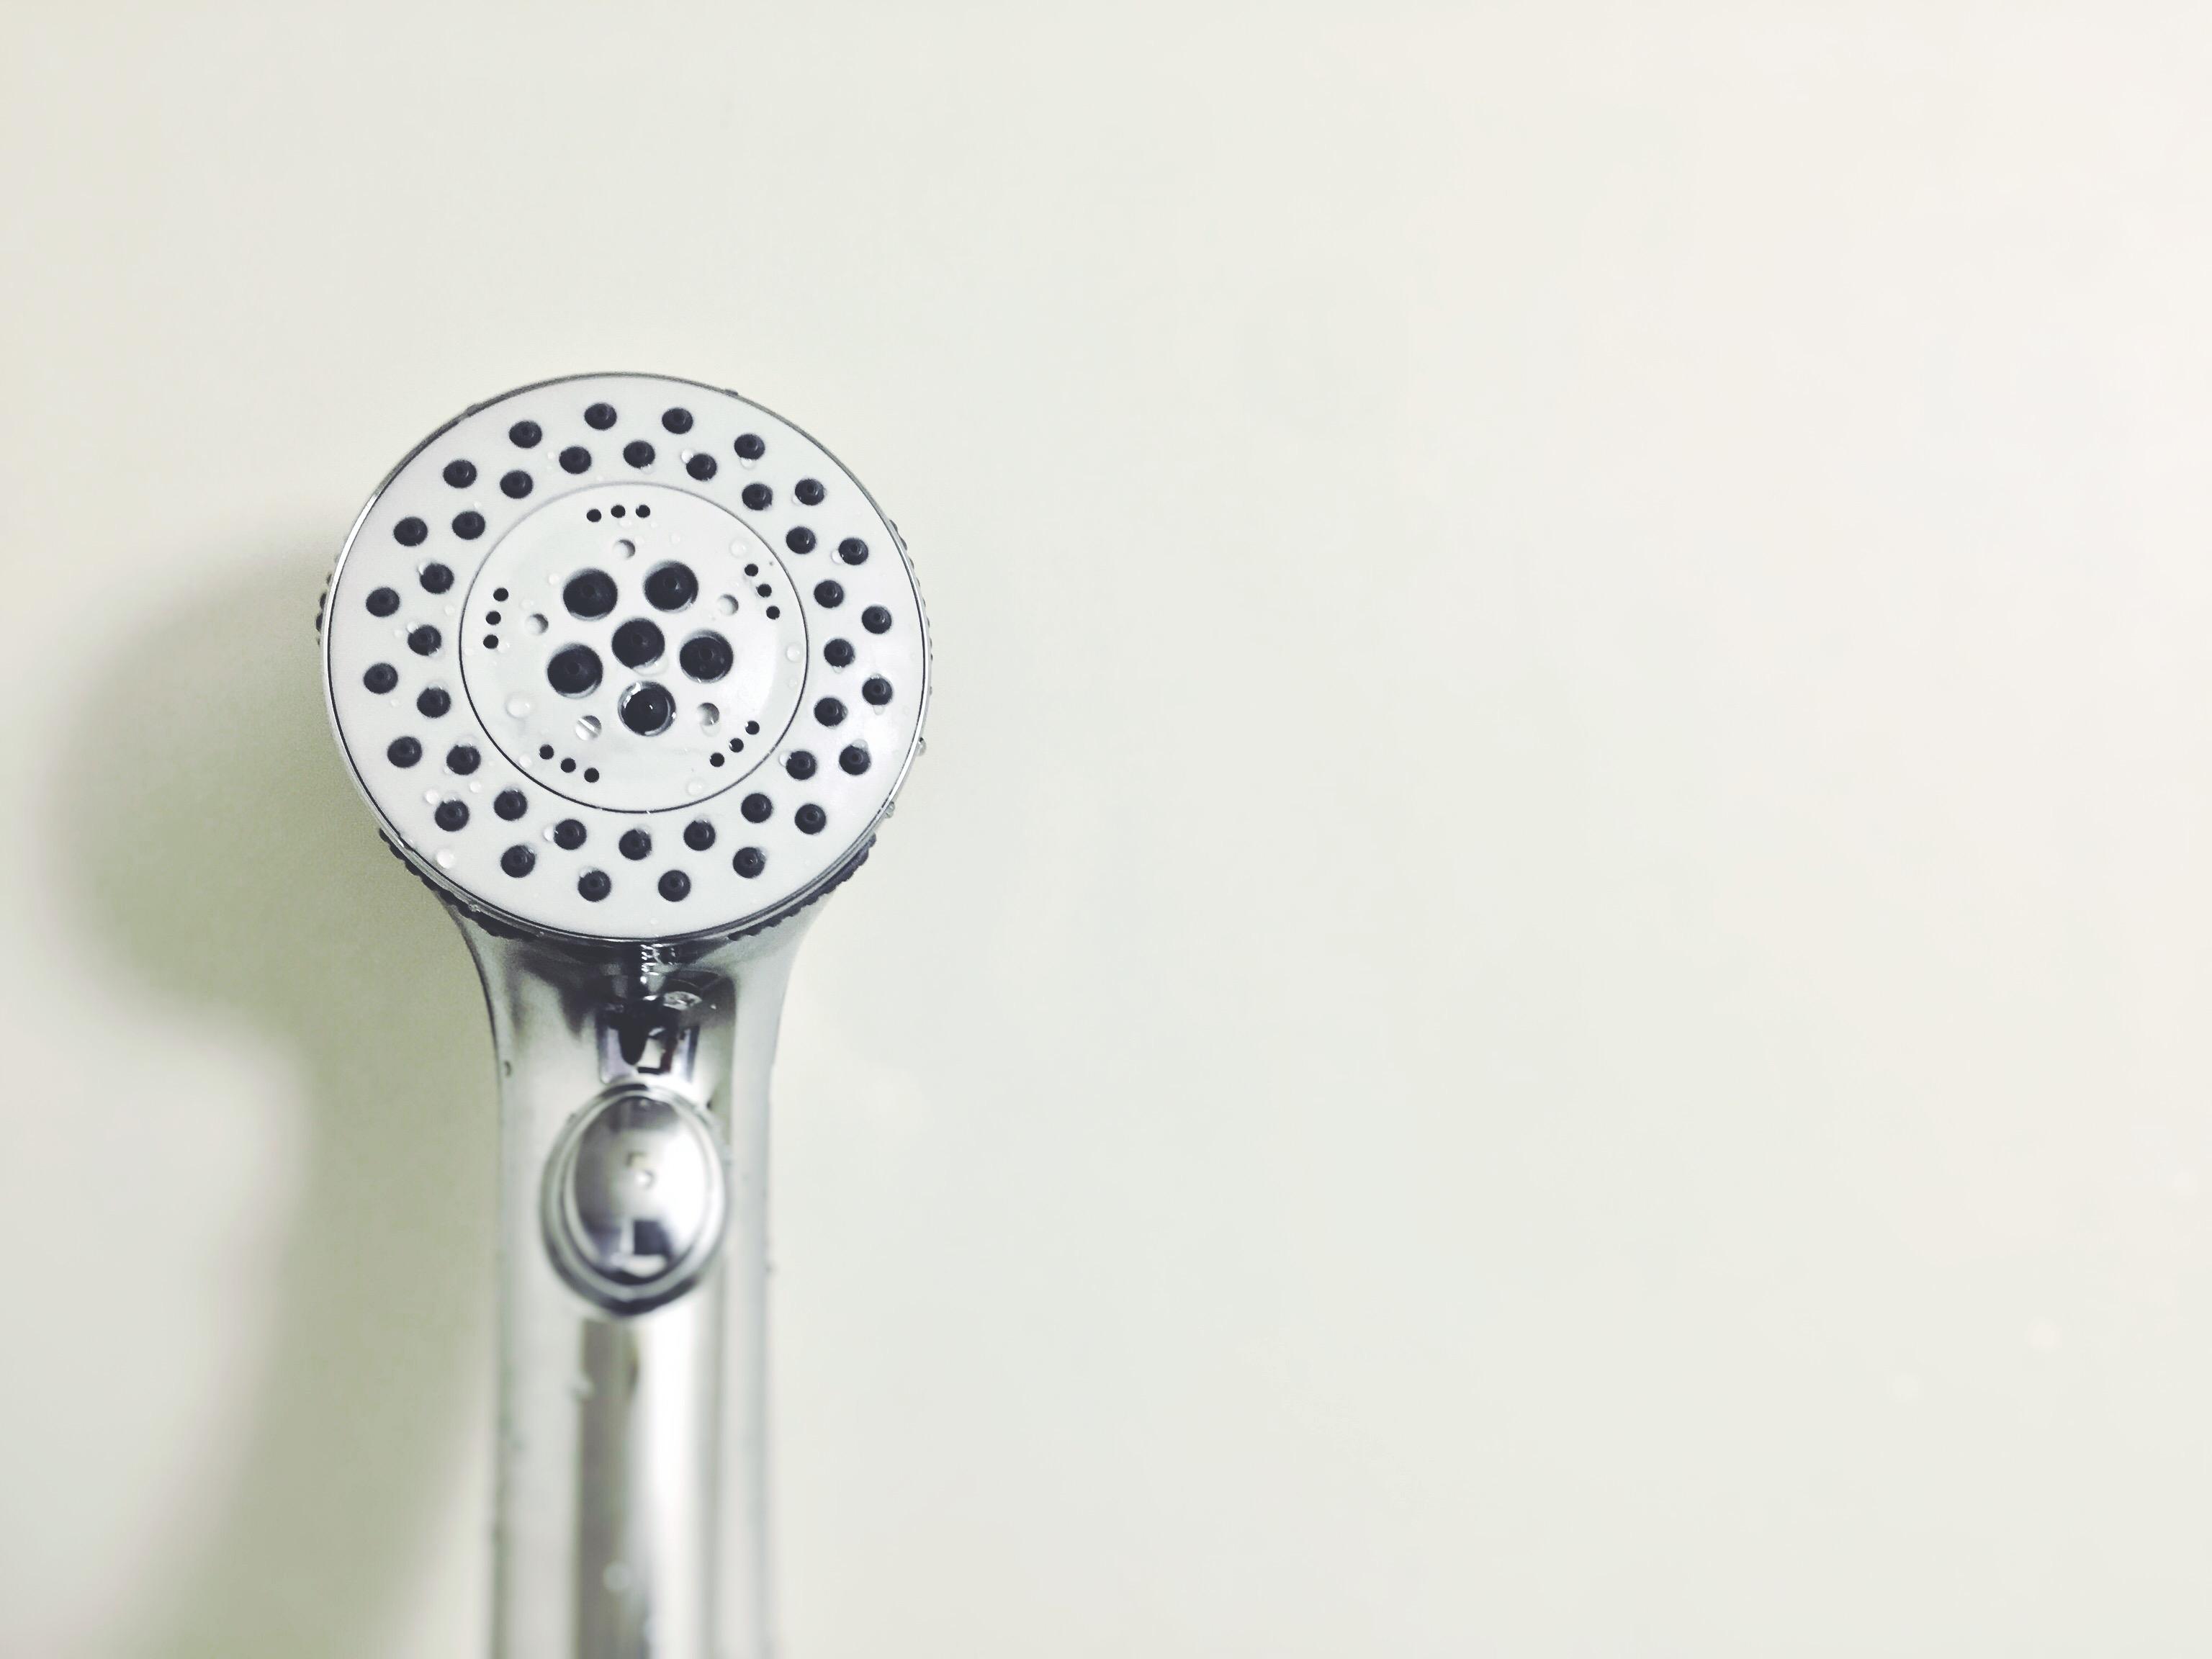 ヘッド toto 交換 シャワー